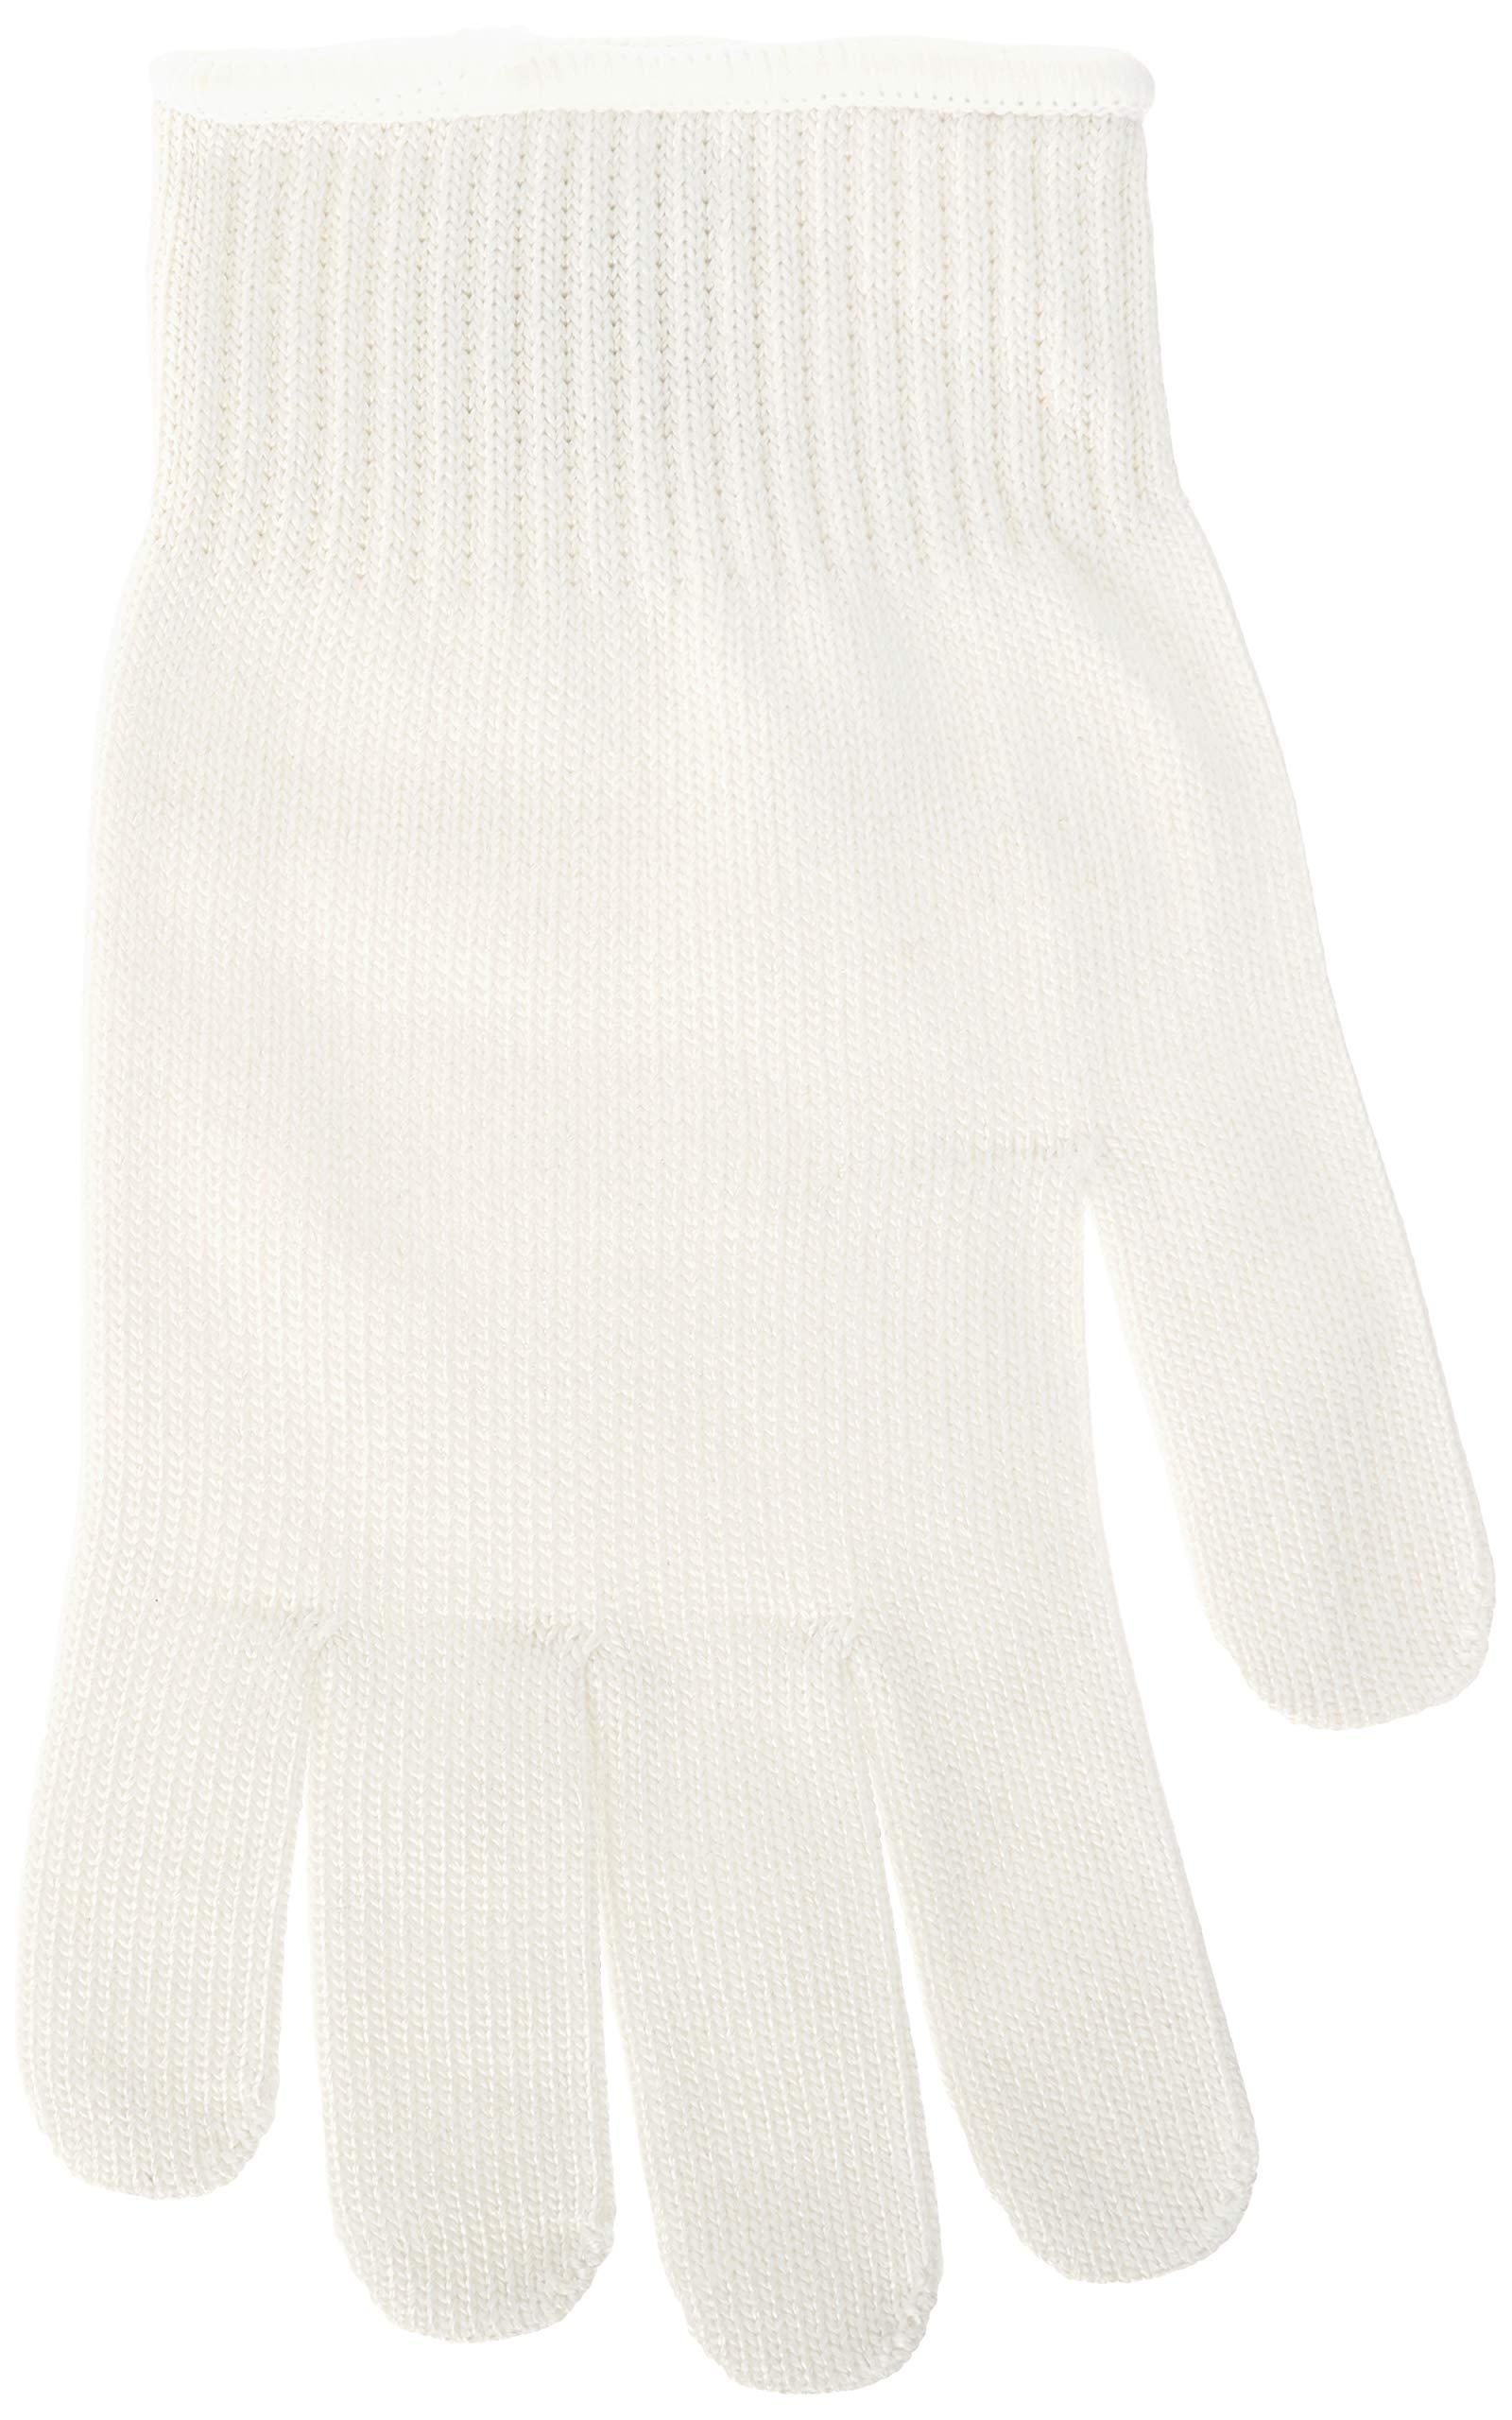 Mercer Culinary M33413L Millennia Level A5 Cut Glove, Large, White